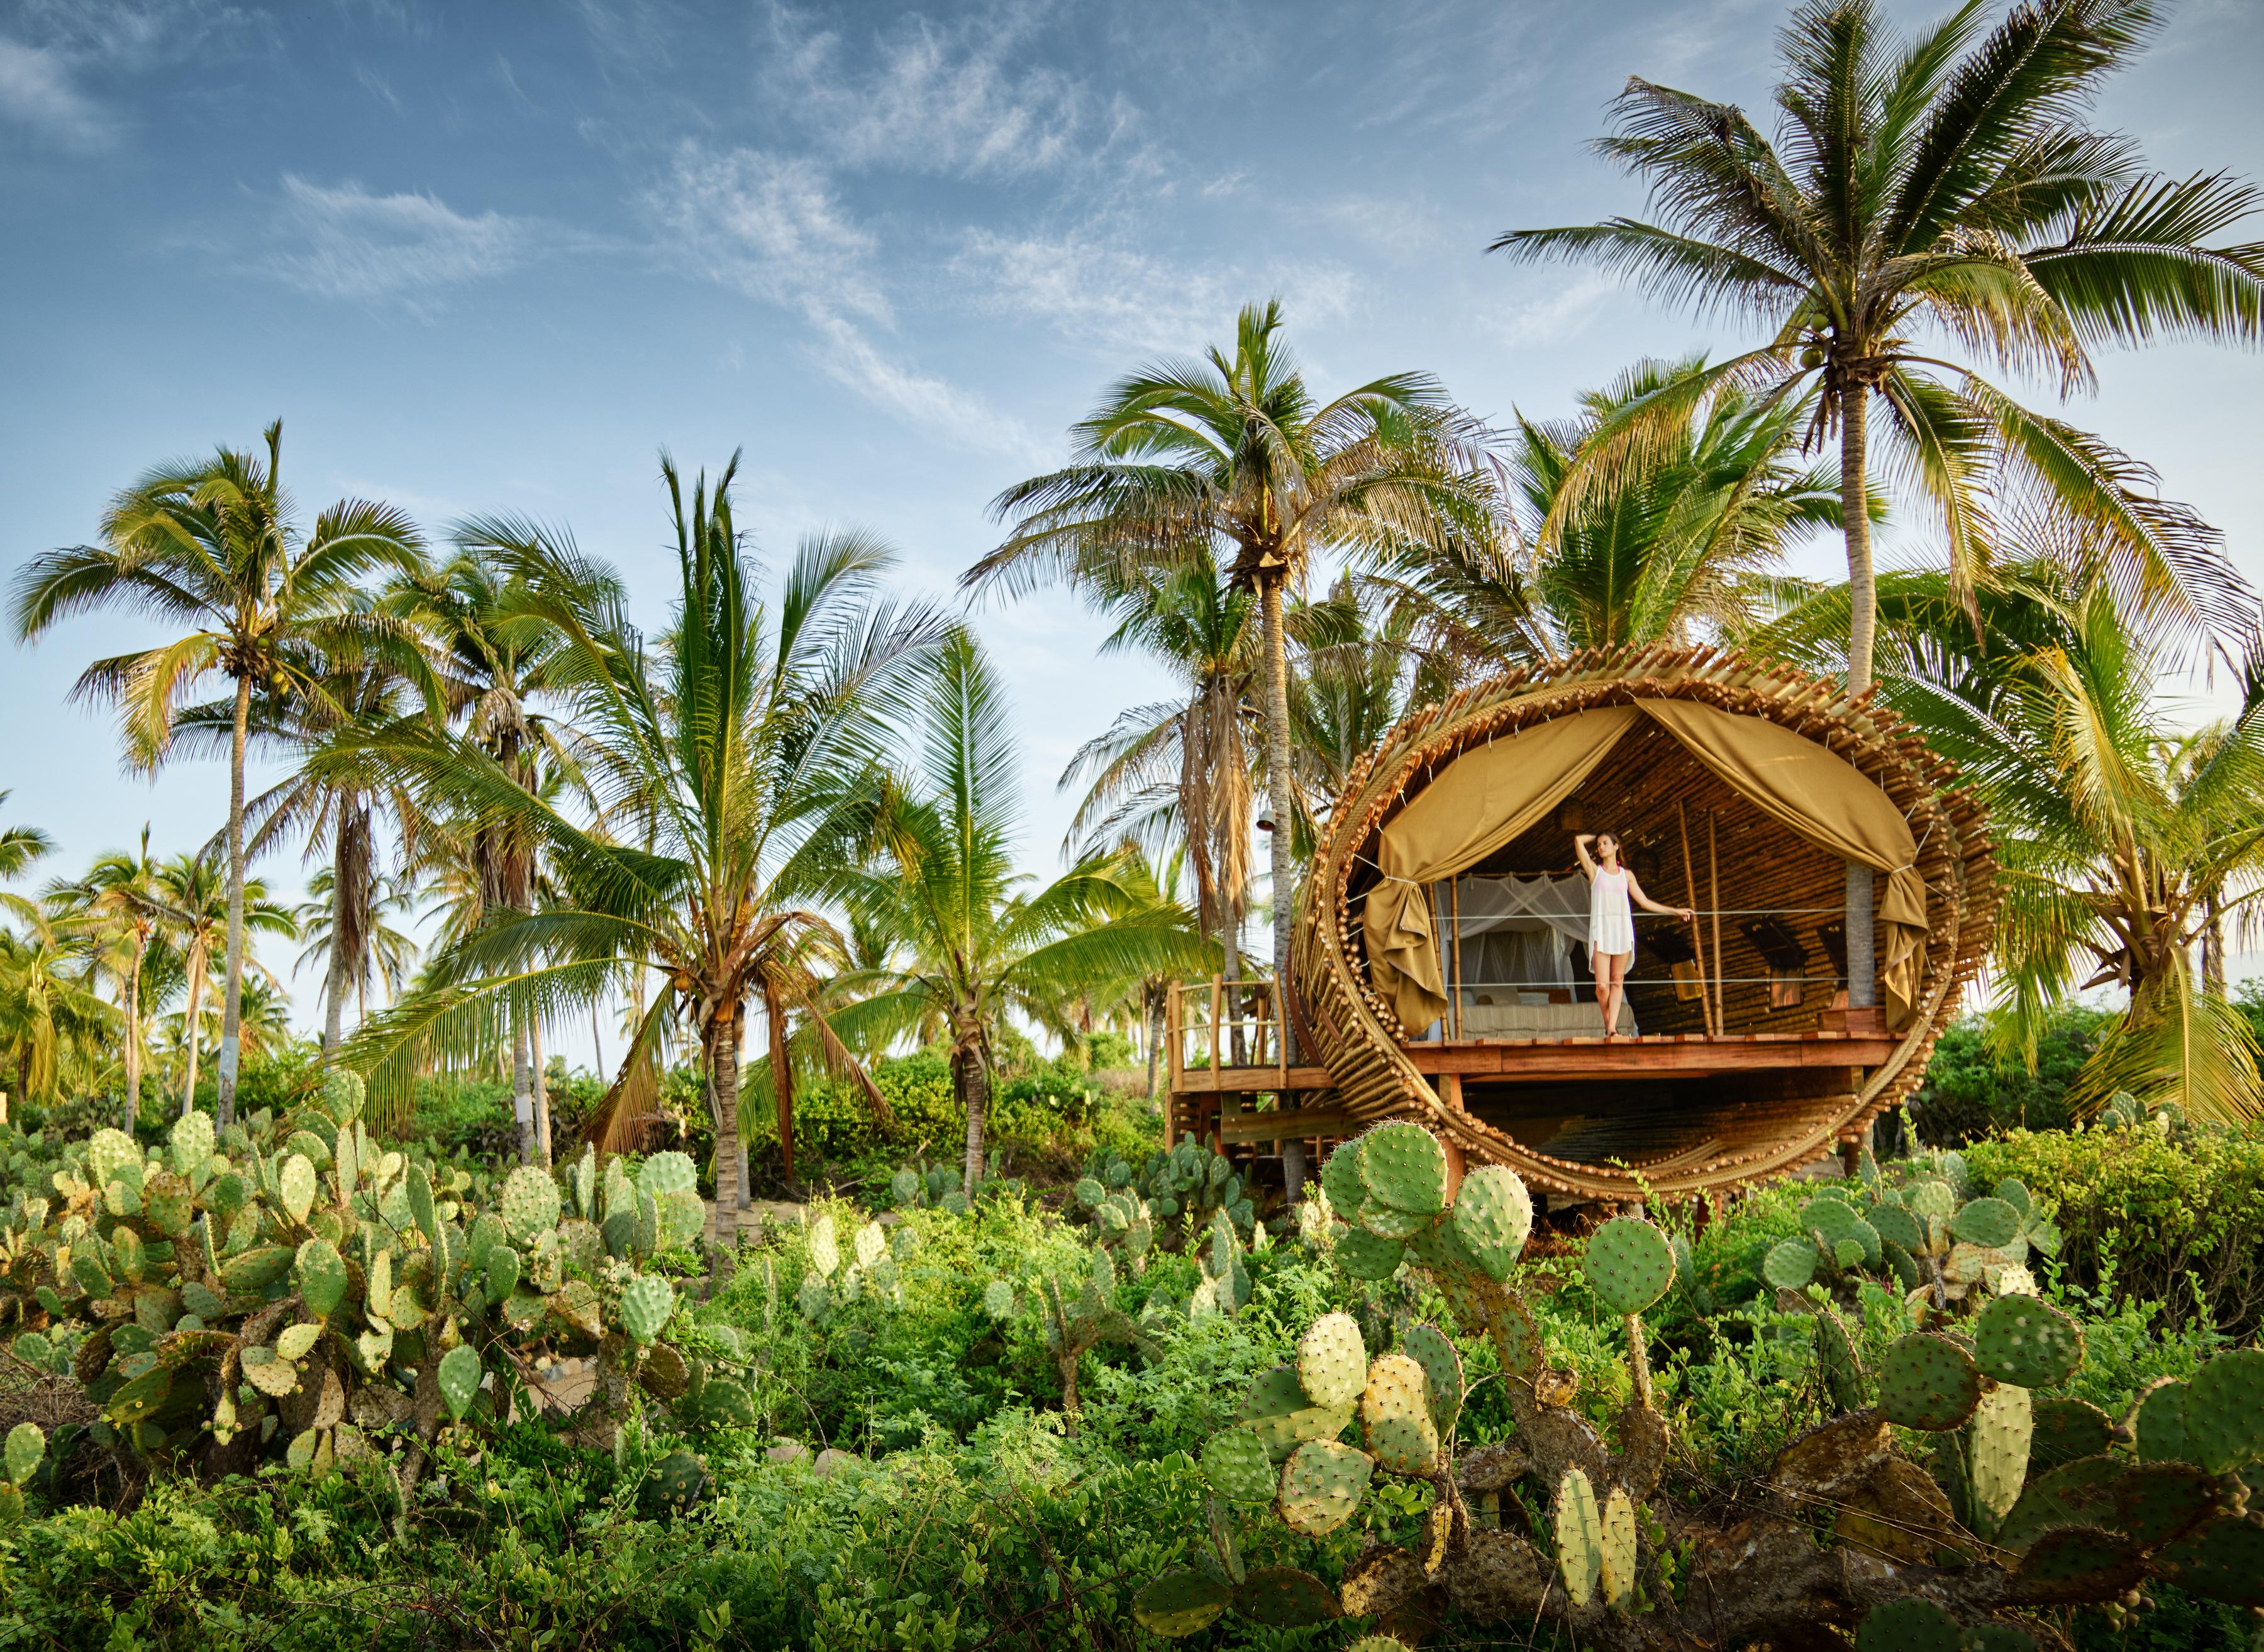 Photo courtesy of Playa Viva – Treehouse image by kevsteele